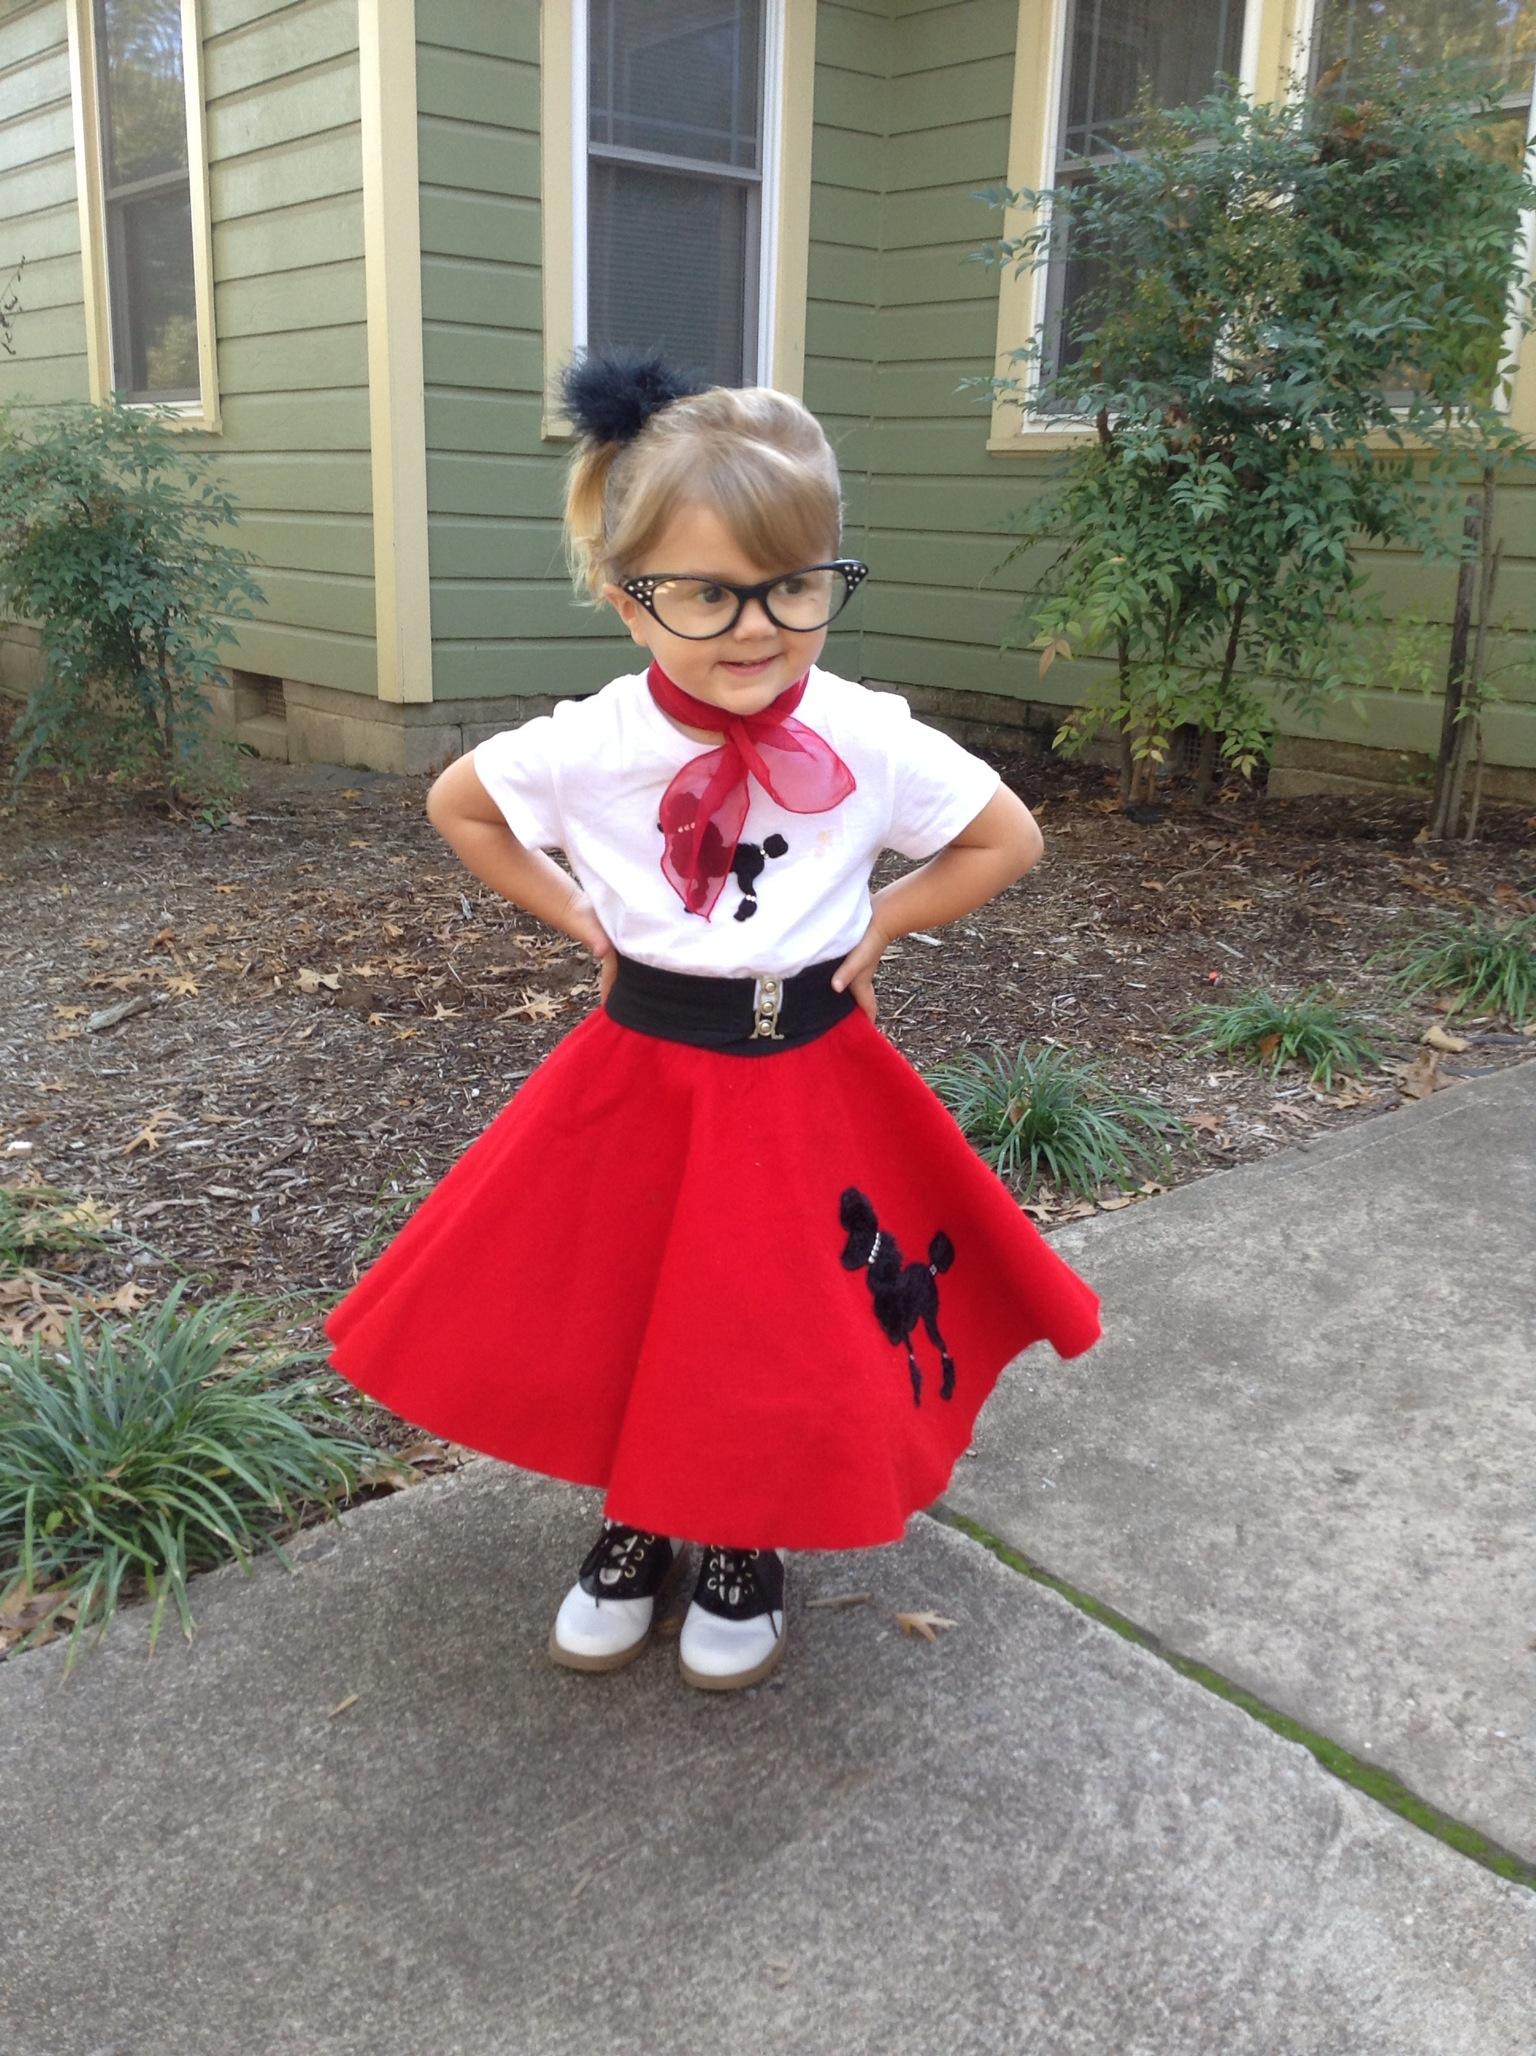 Charleigh Smith, Age 2